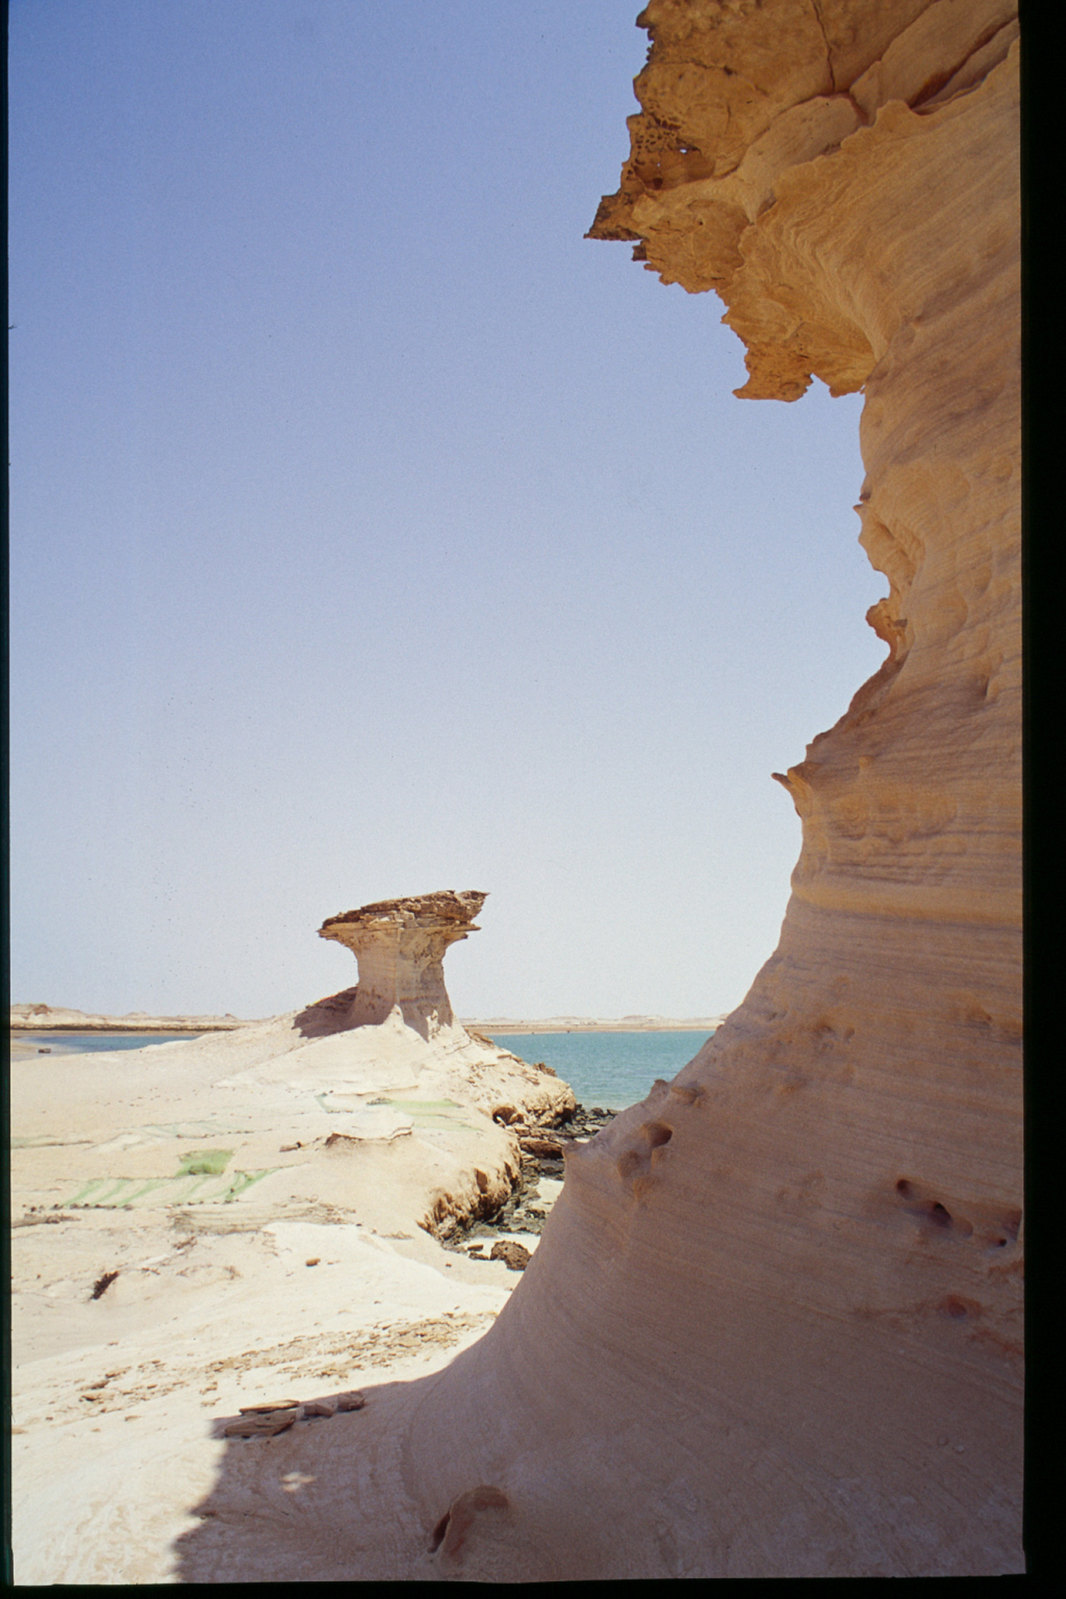 Mauritanie - Banc d'Arguin - Sculptures de vent